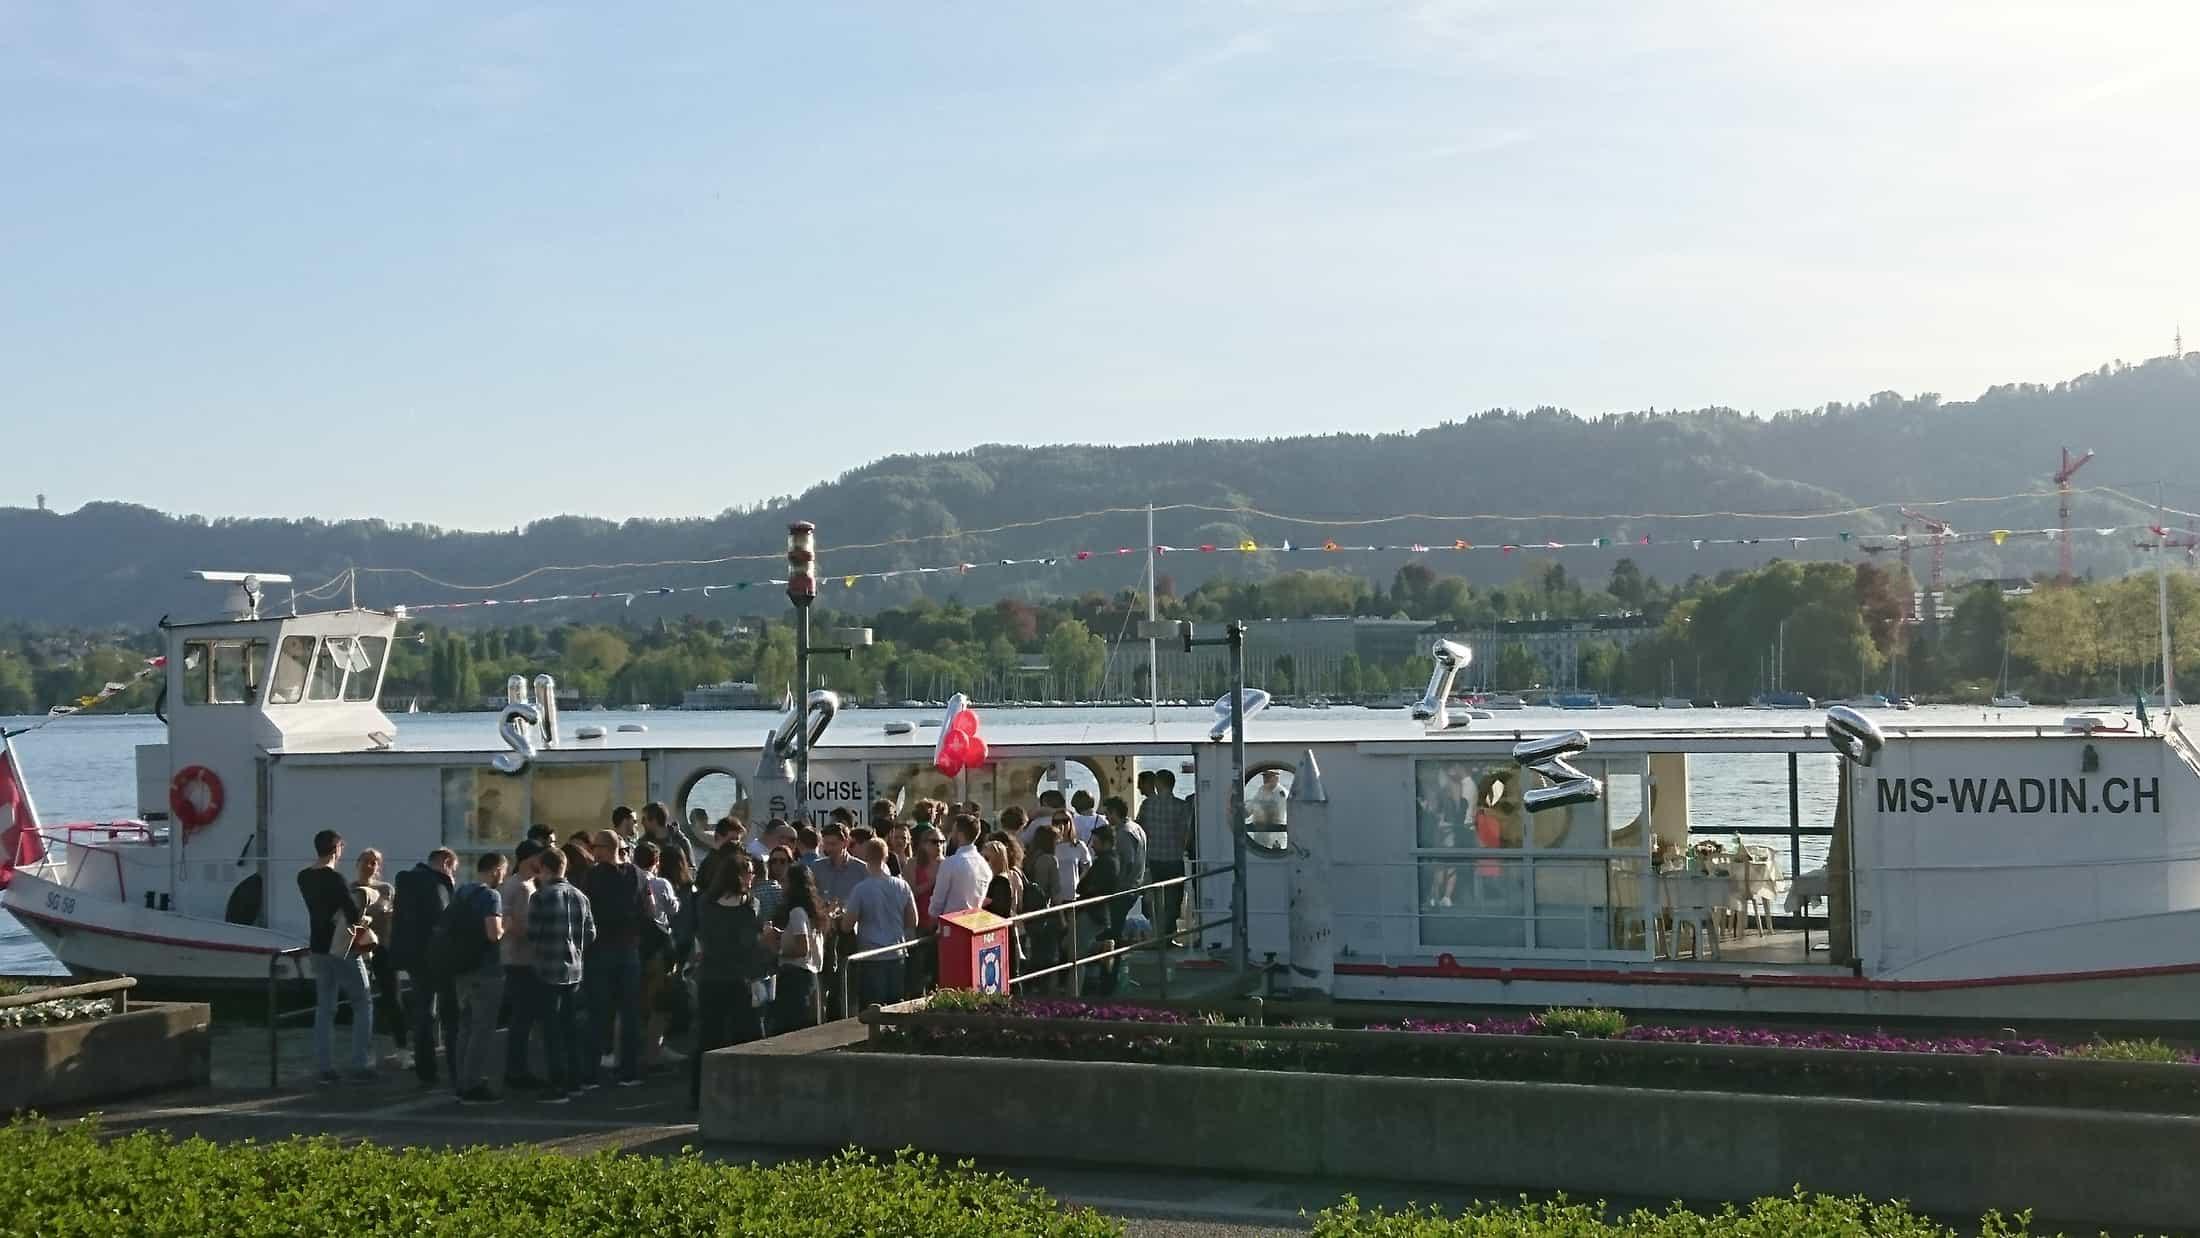 Impressionen  MS Wadin Zuerichsee Partyschiff Eventschiff Fondueschiff Zuerich Fonduerestaurant